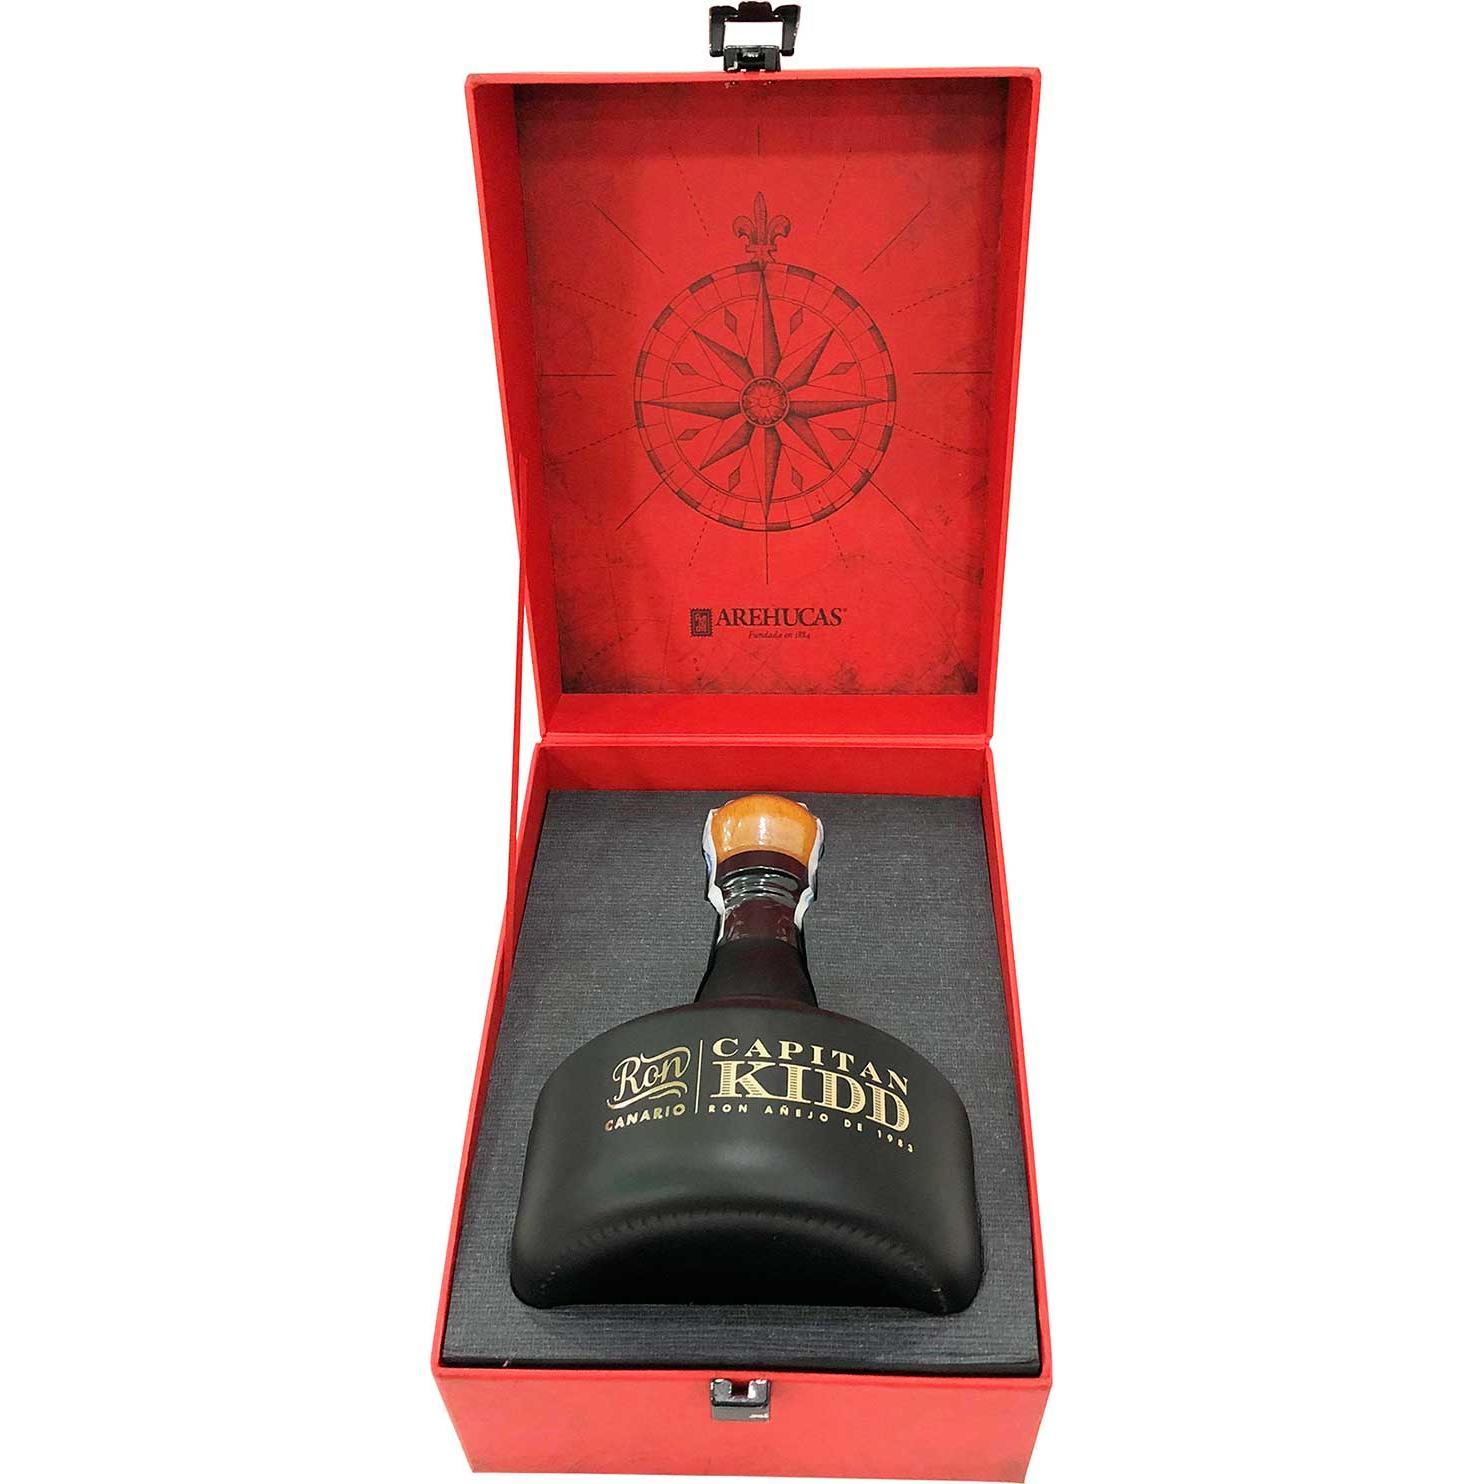 Kaufen Rum Capitán Kidd 30 Jahre (Kanarischen Inseln)